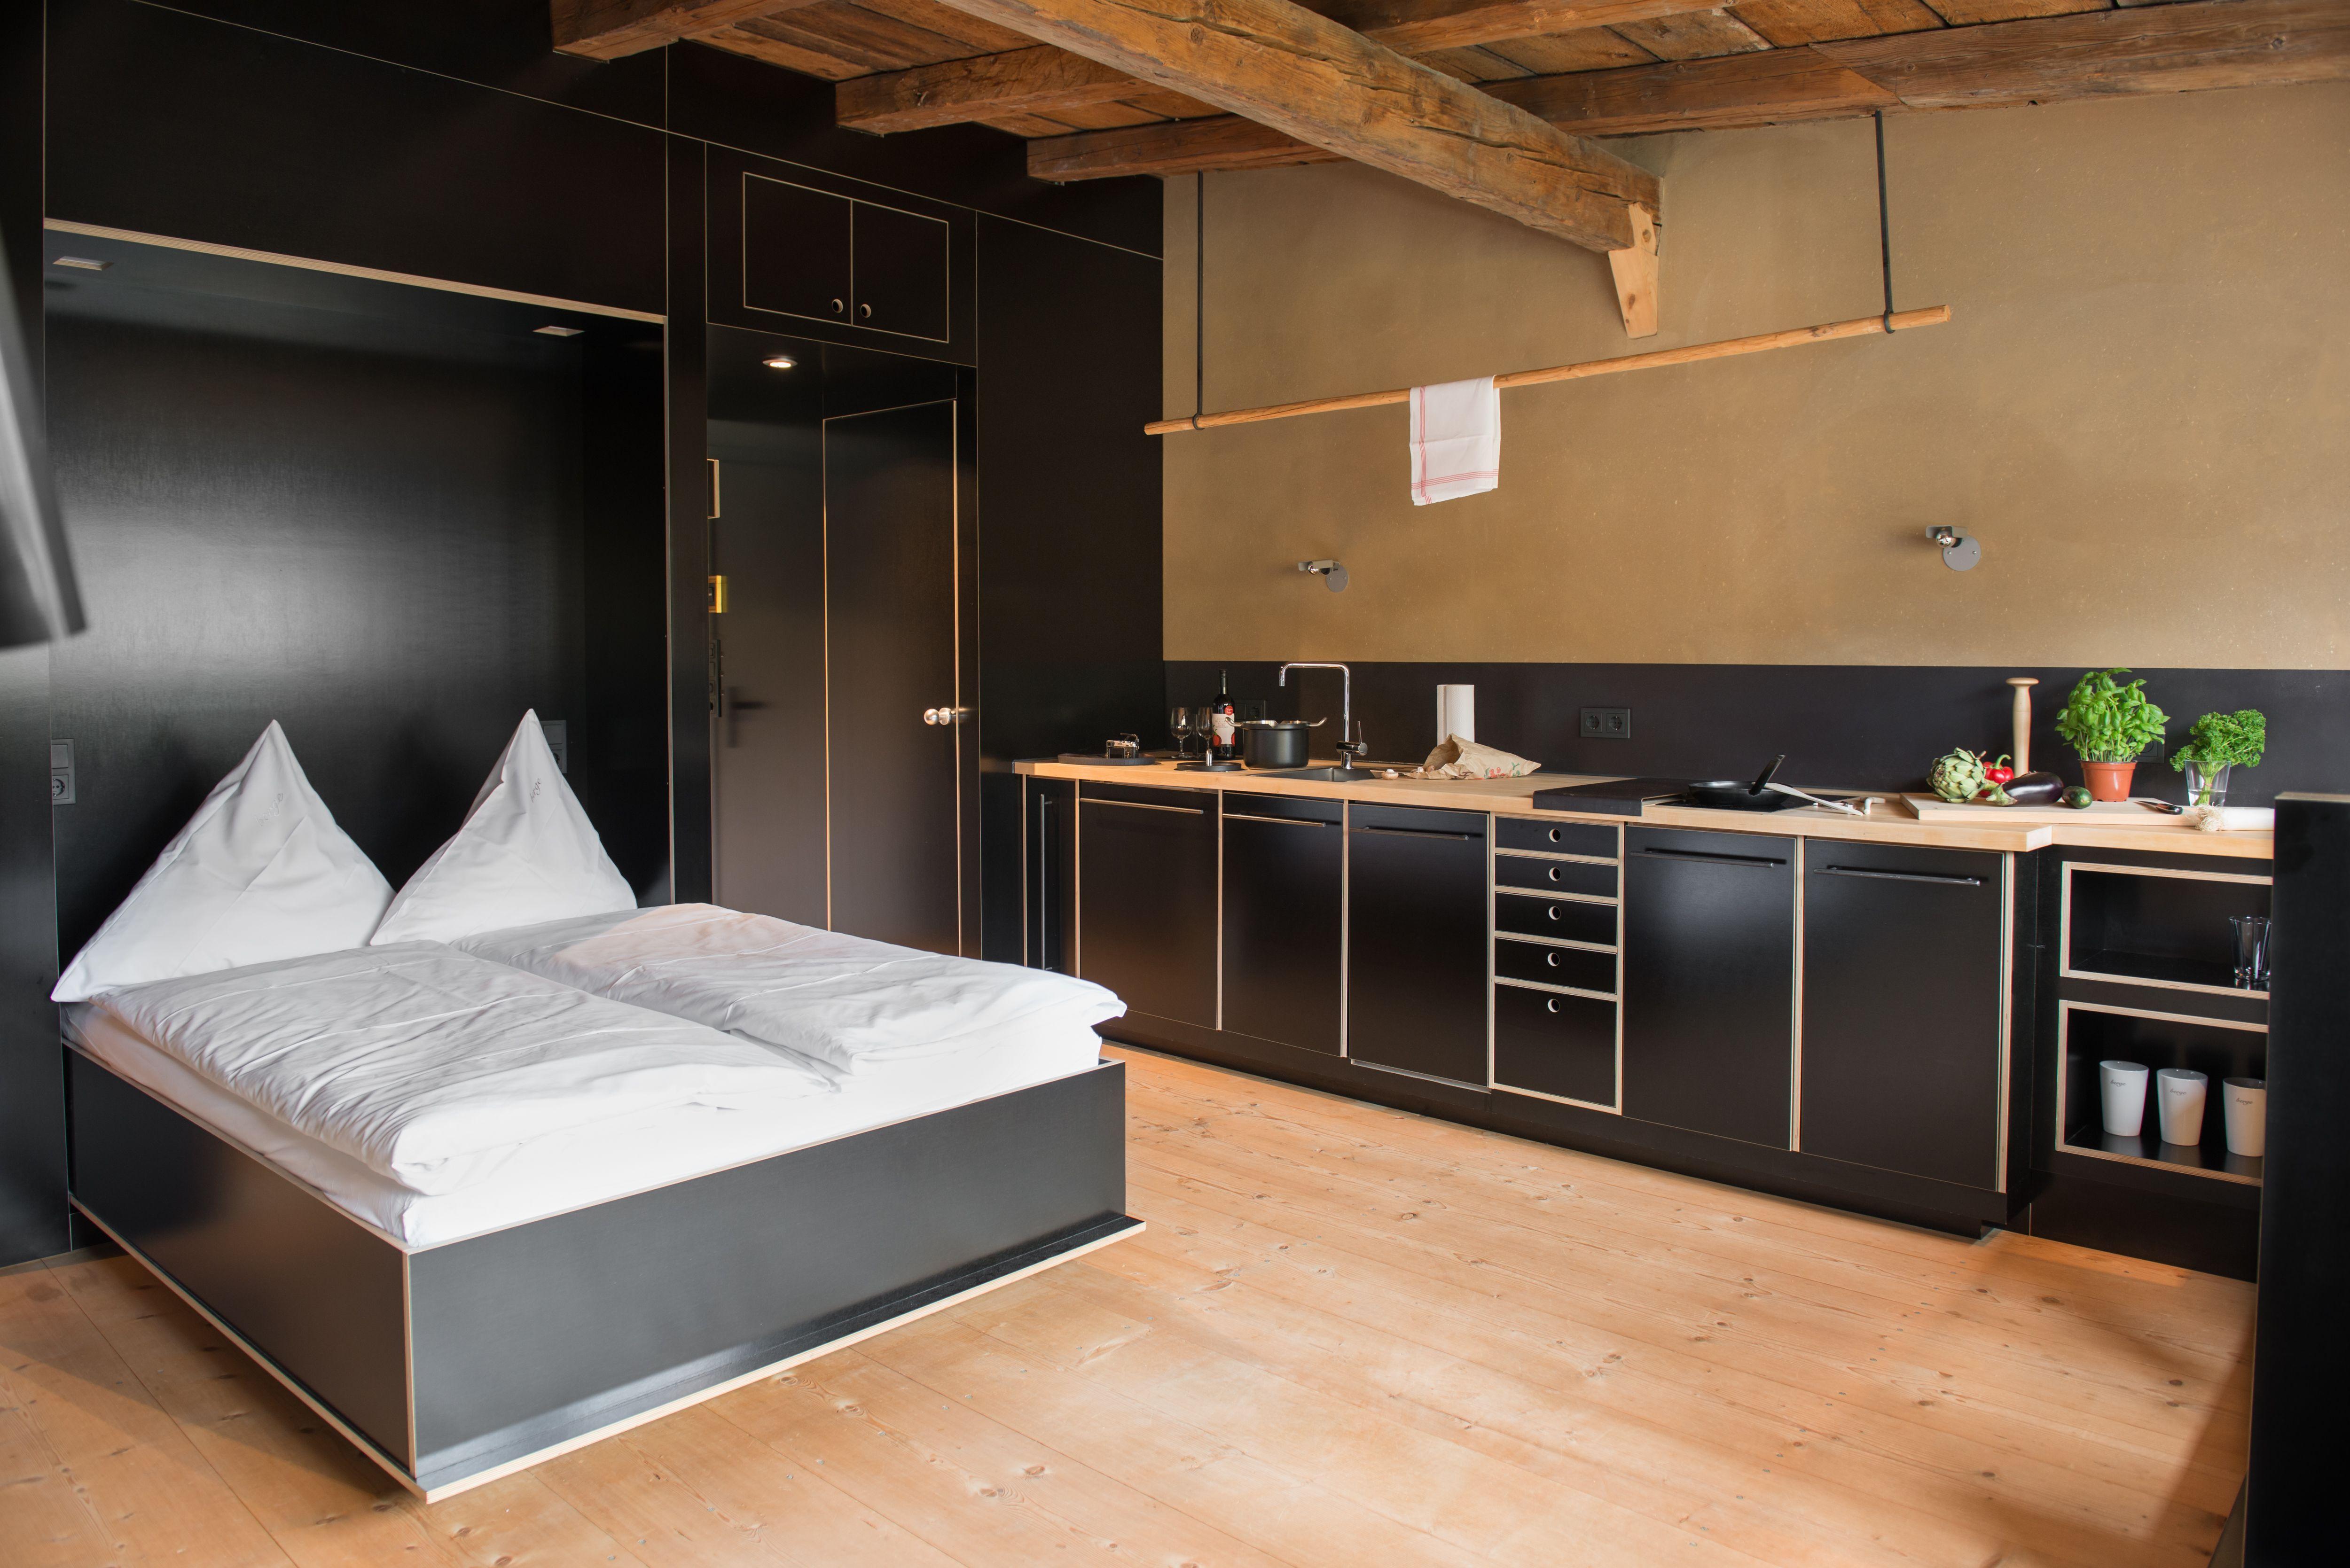 guesthouse berge nils holger moormann k3 we make them wonder moormann berge. Black Bedroom Furniture Sets. Home Design Ideas